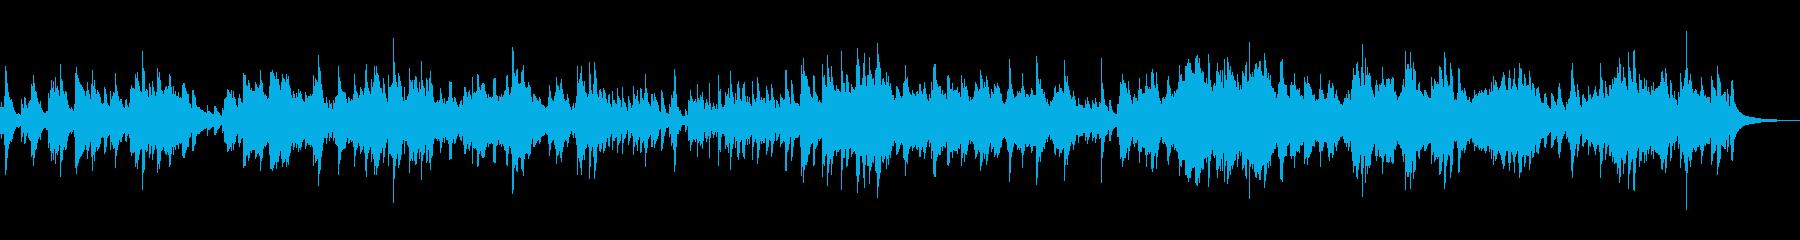 ピアノの切ない旋律が印象的なピアノソロの再生済みの波形